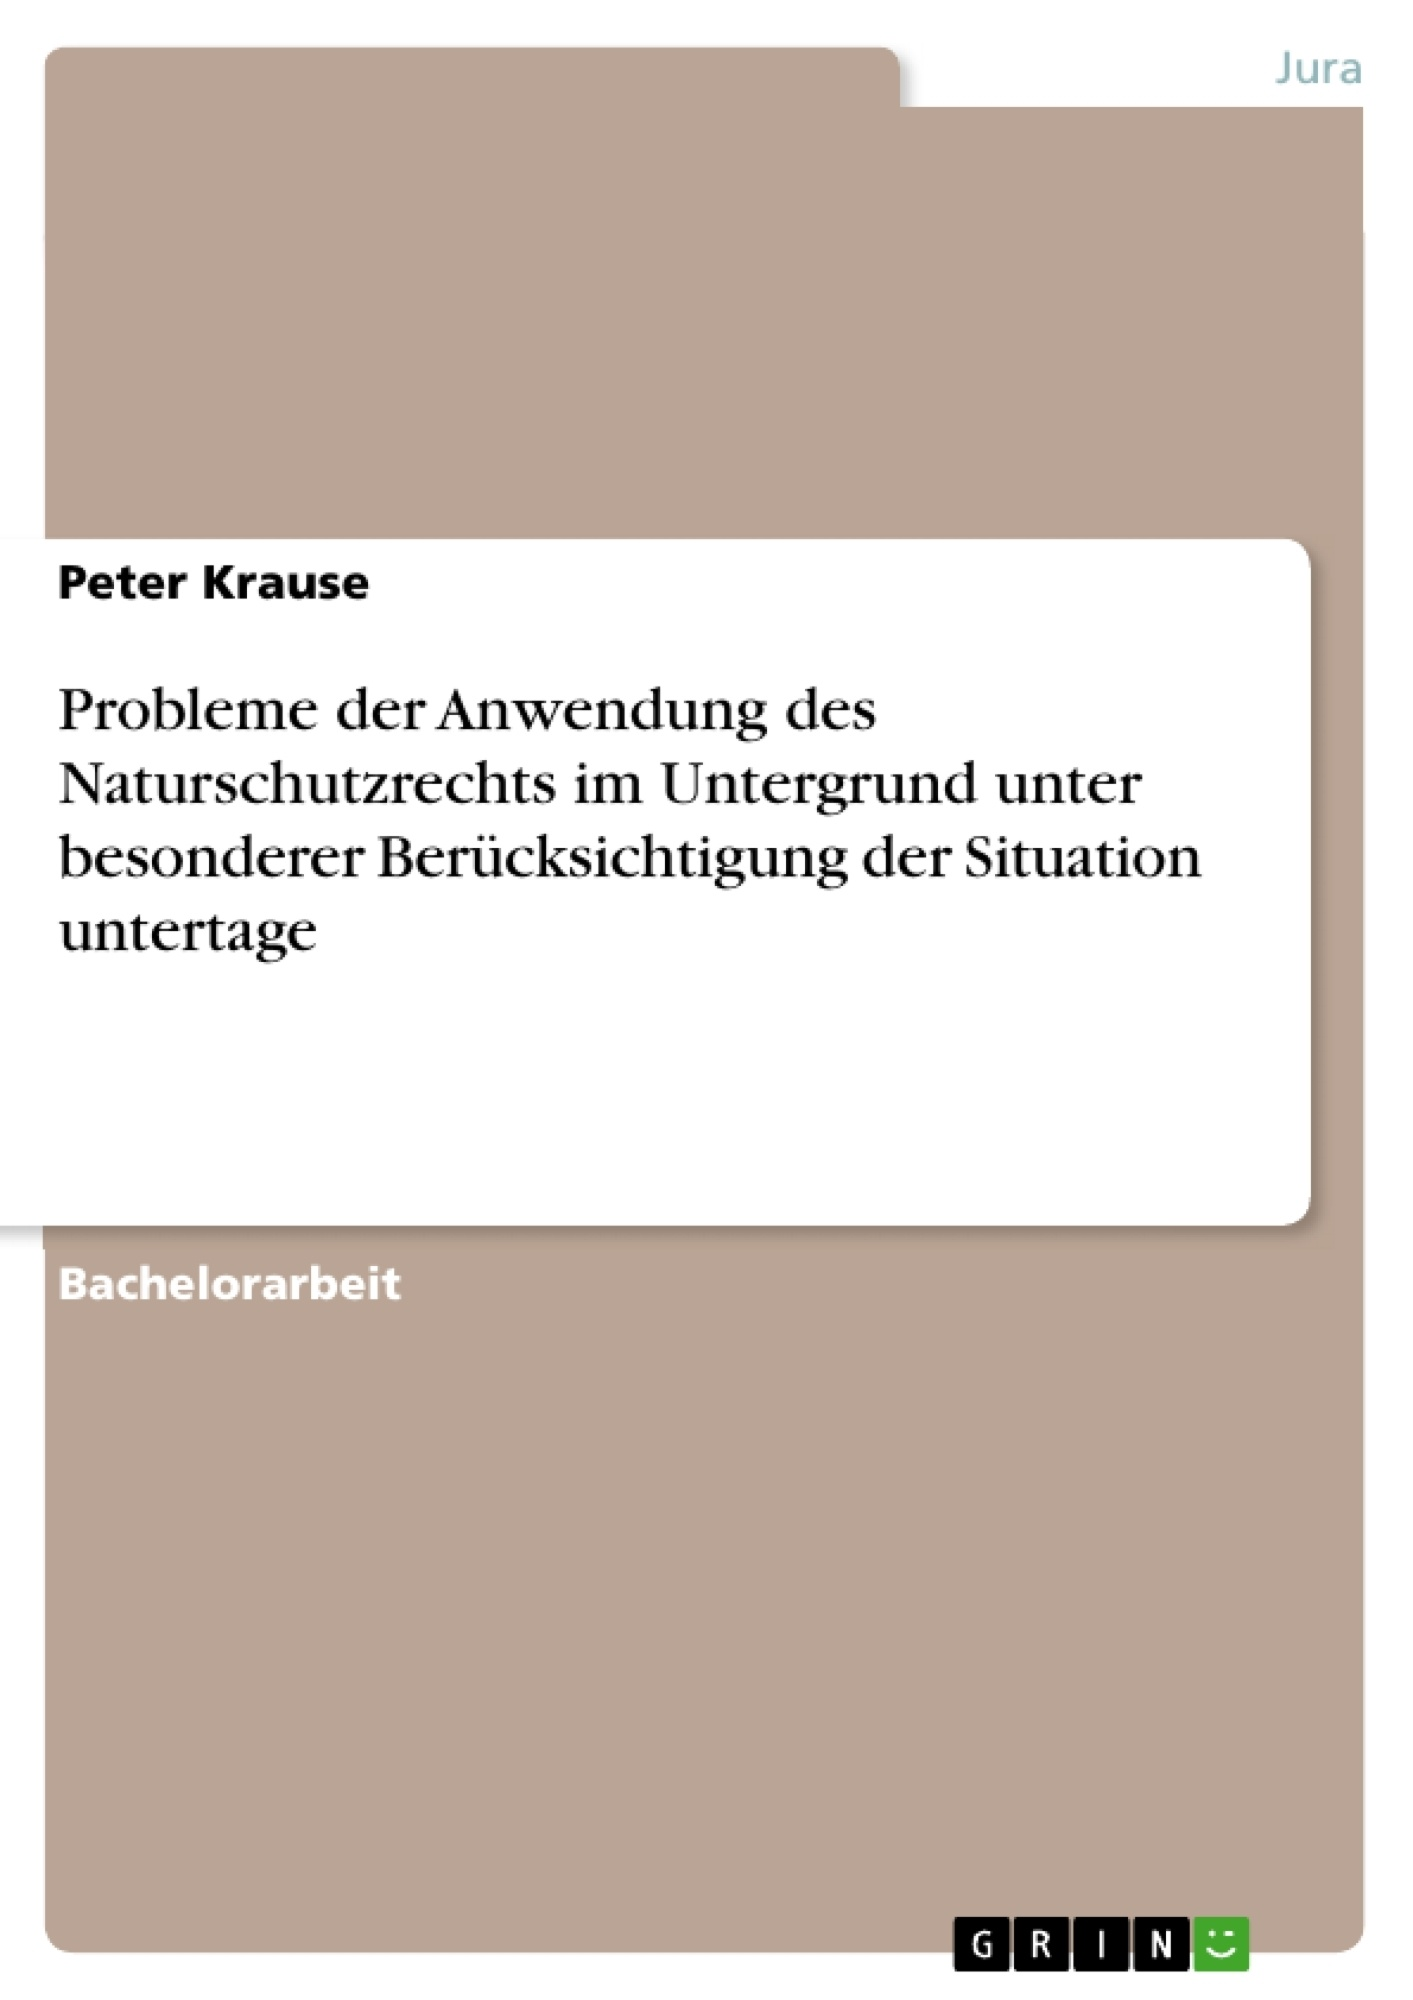 Titel: Probleme der Anwendung des Naturschutzrechts im Untergrund unter besonderer Berücksichtigung der Situation untertage